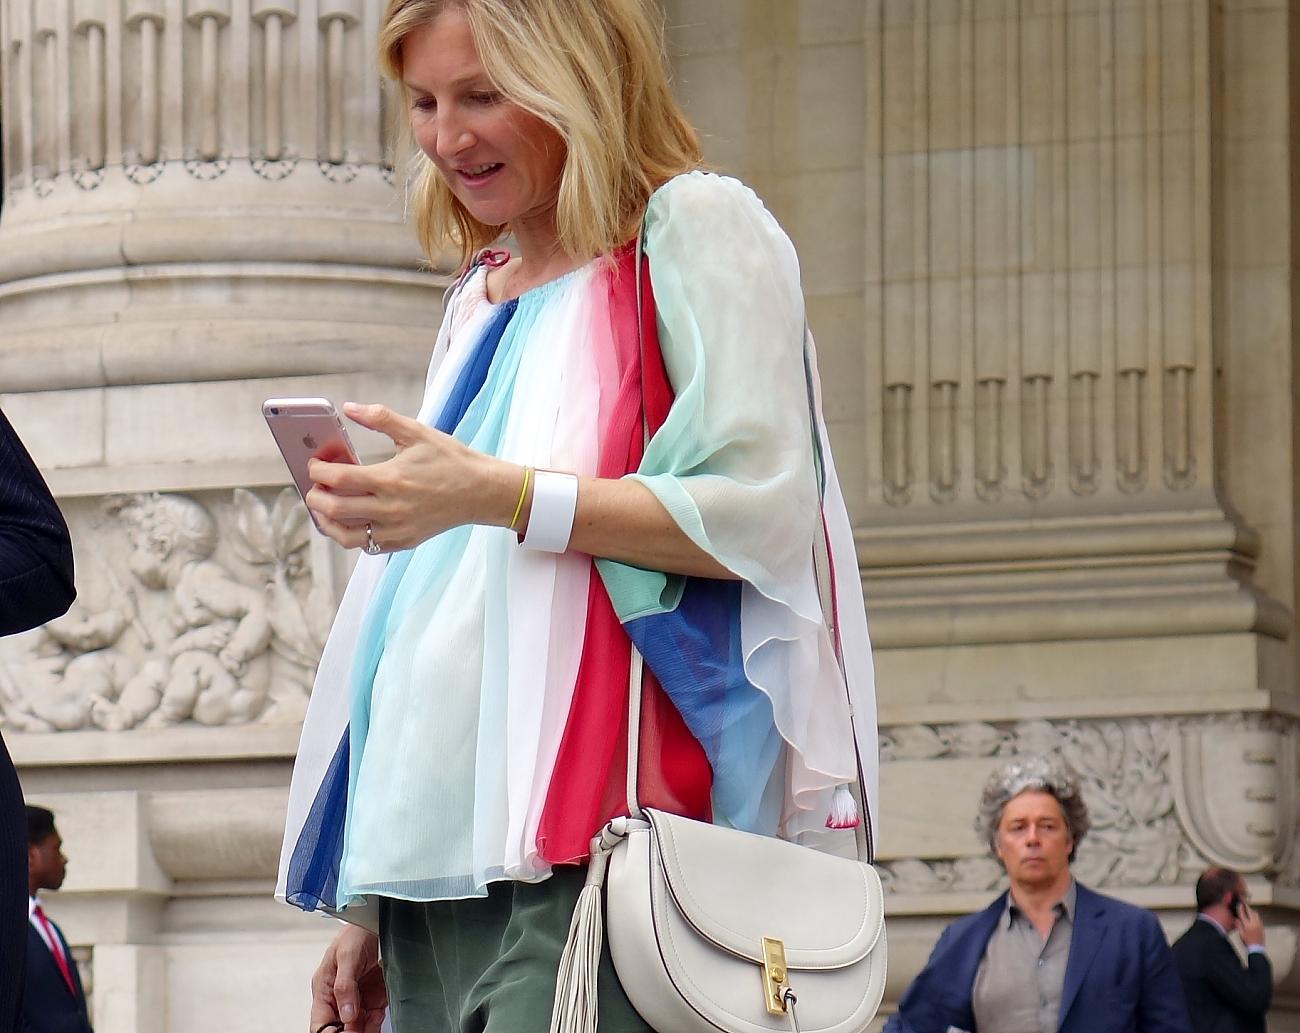 Schwanger Und Schick Jessica Im 6 Monat Fashionista Modepilot